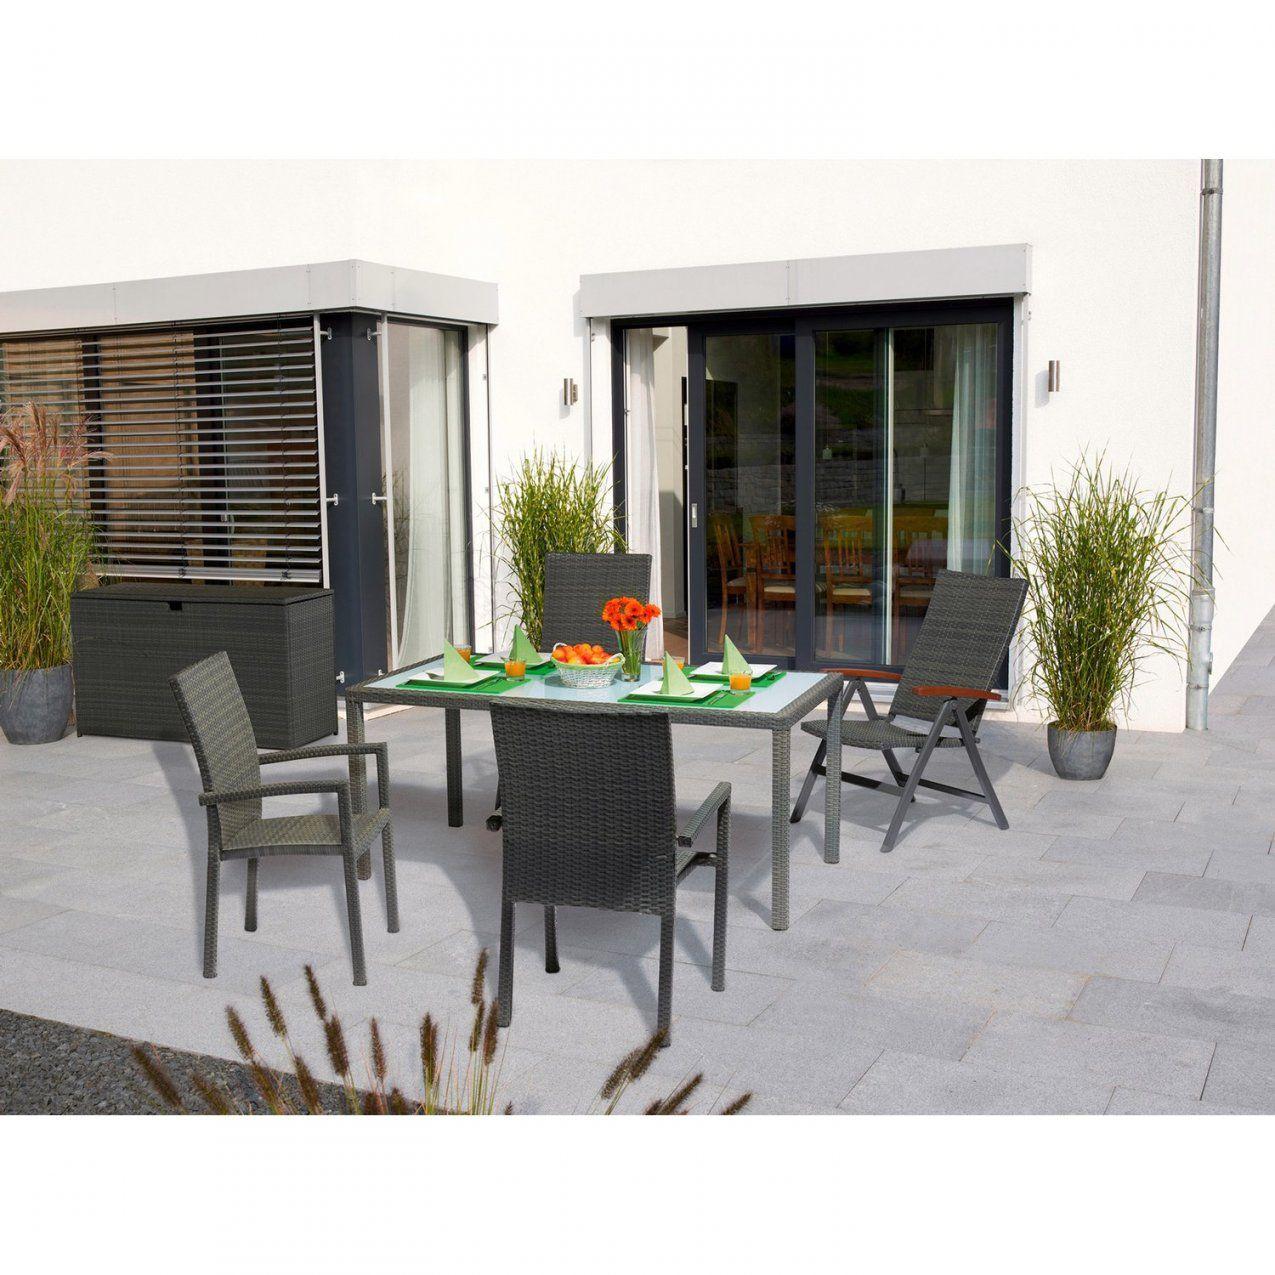 Obi Tisch Davenport Graphit 160 X 90 Cm Kaufen Bei Obi von Tisch Selber Bauen Obi Photo